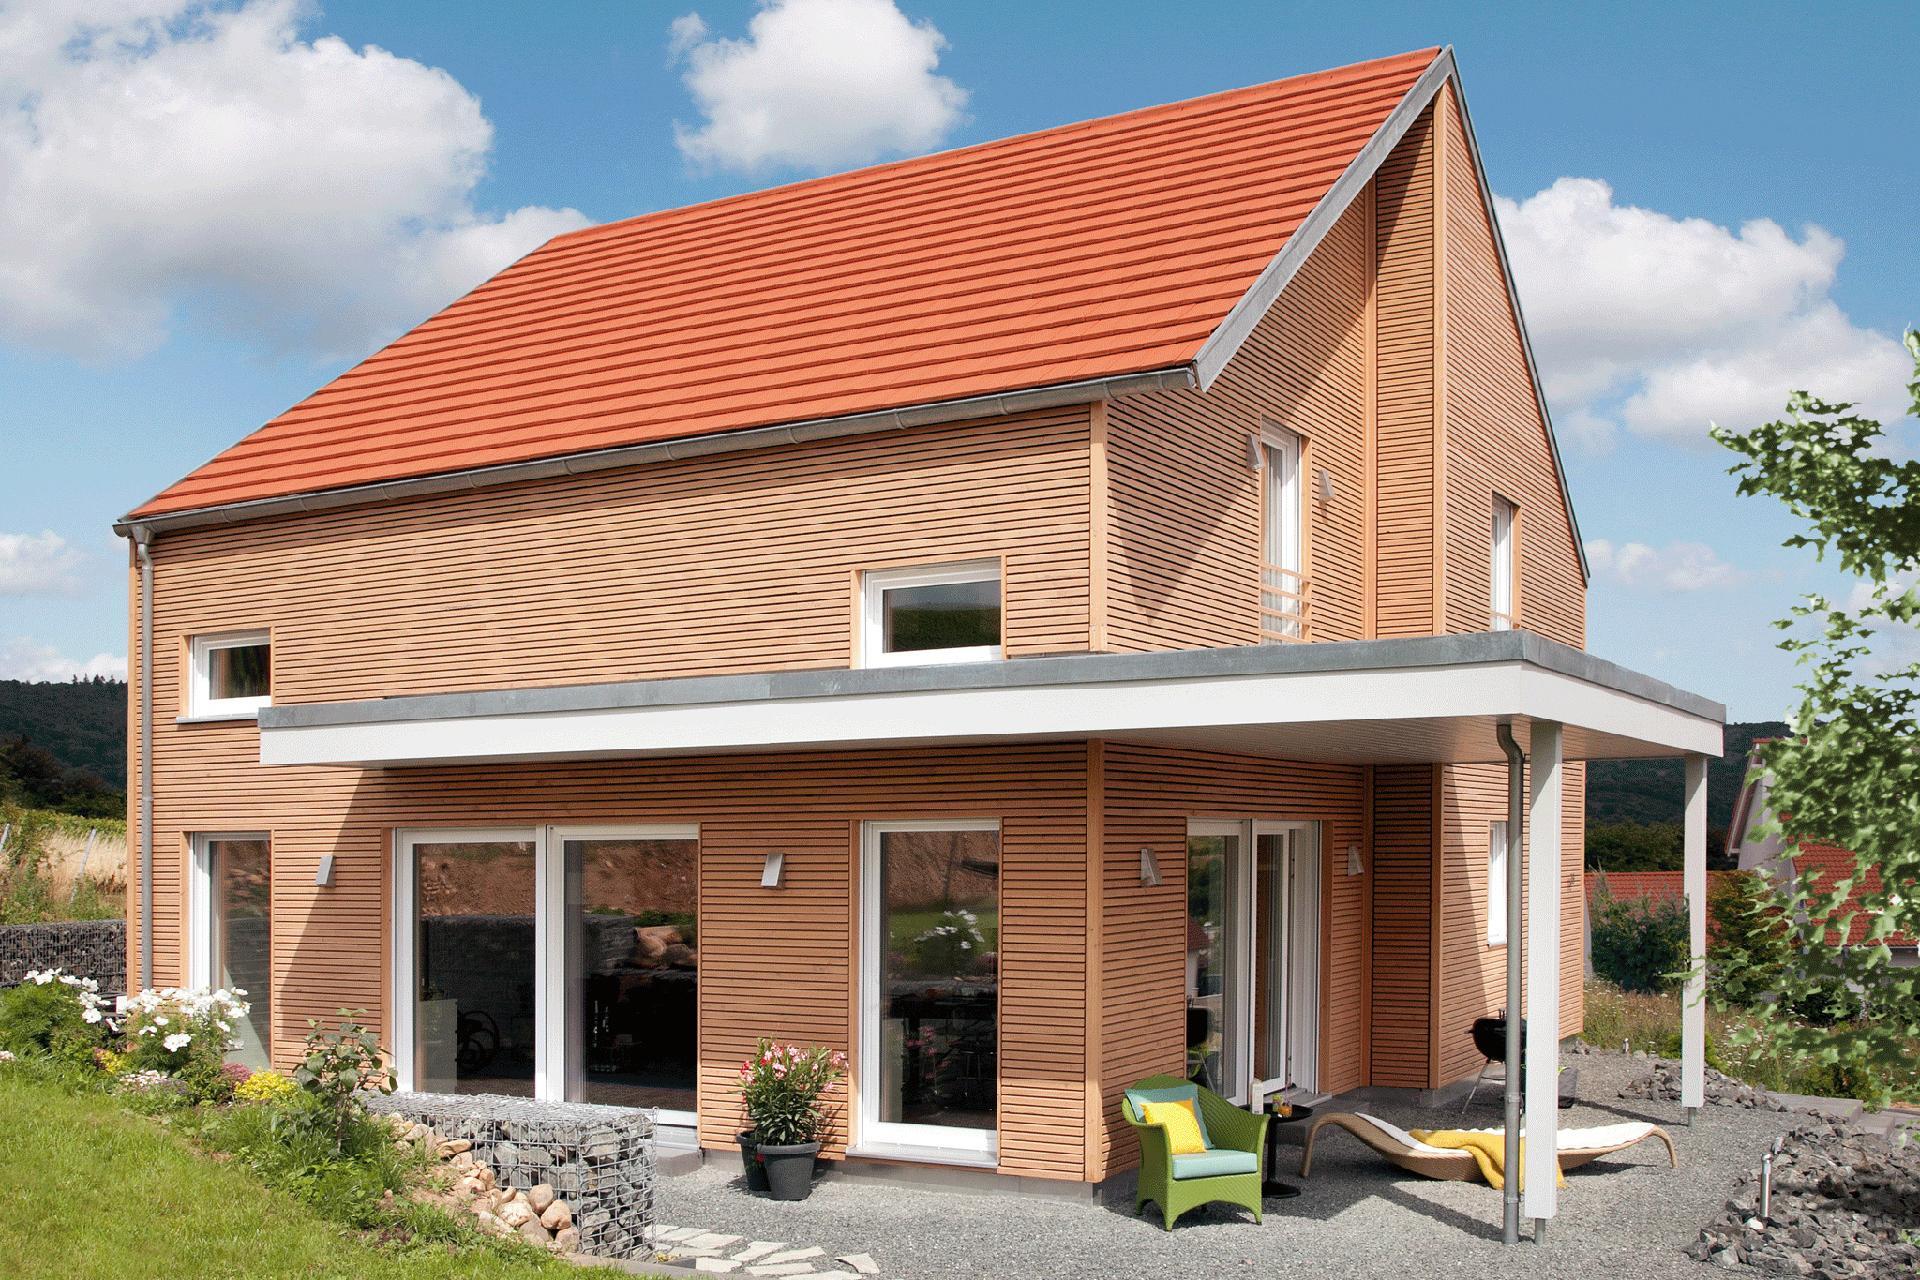 holzfassade haus modern timber home schw rerhaus. Black Bedroom Furniture Sets. Home Design Ideas